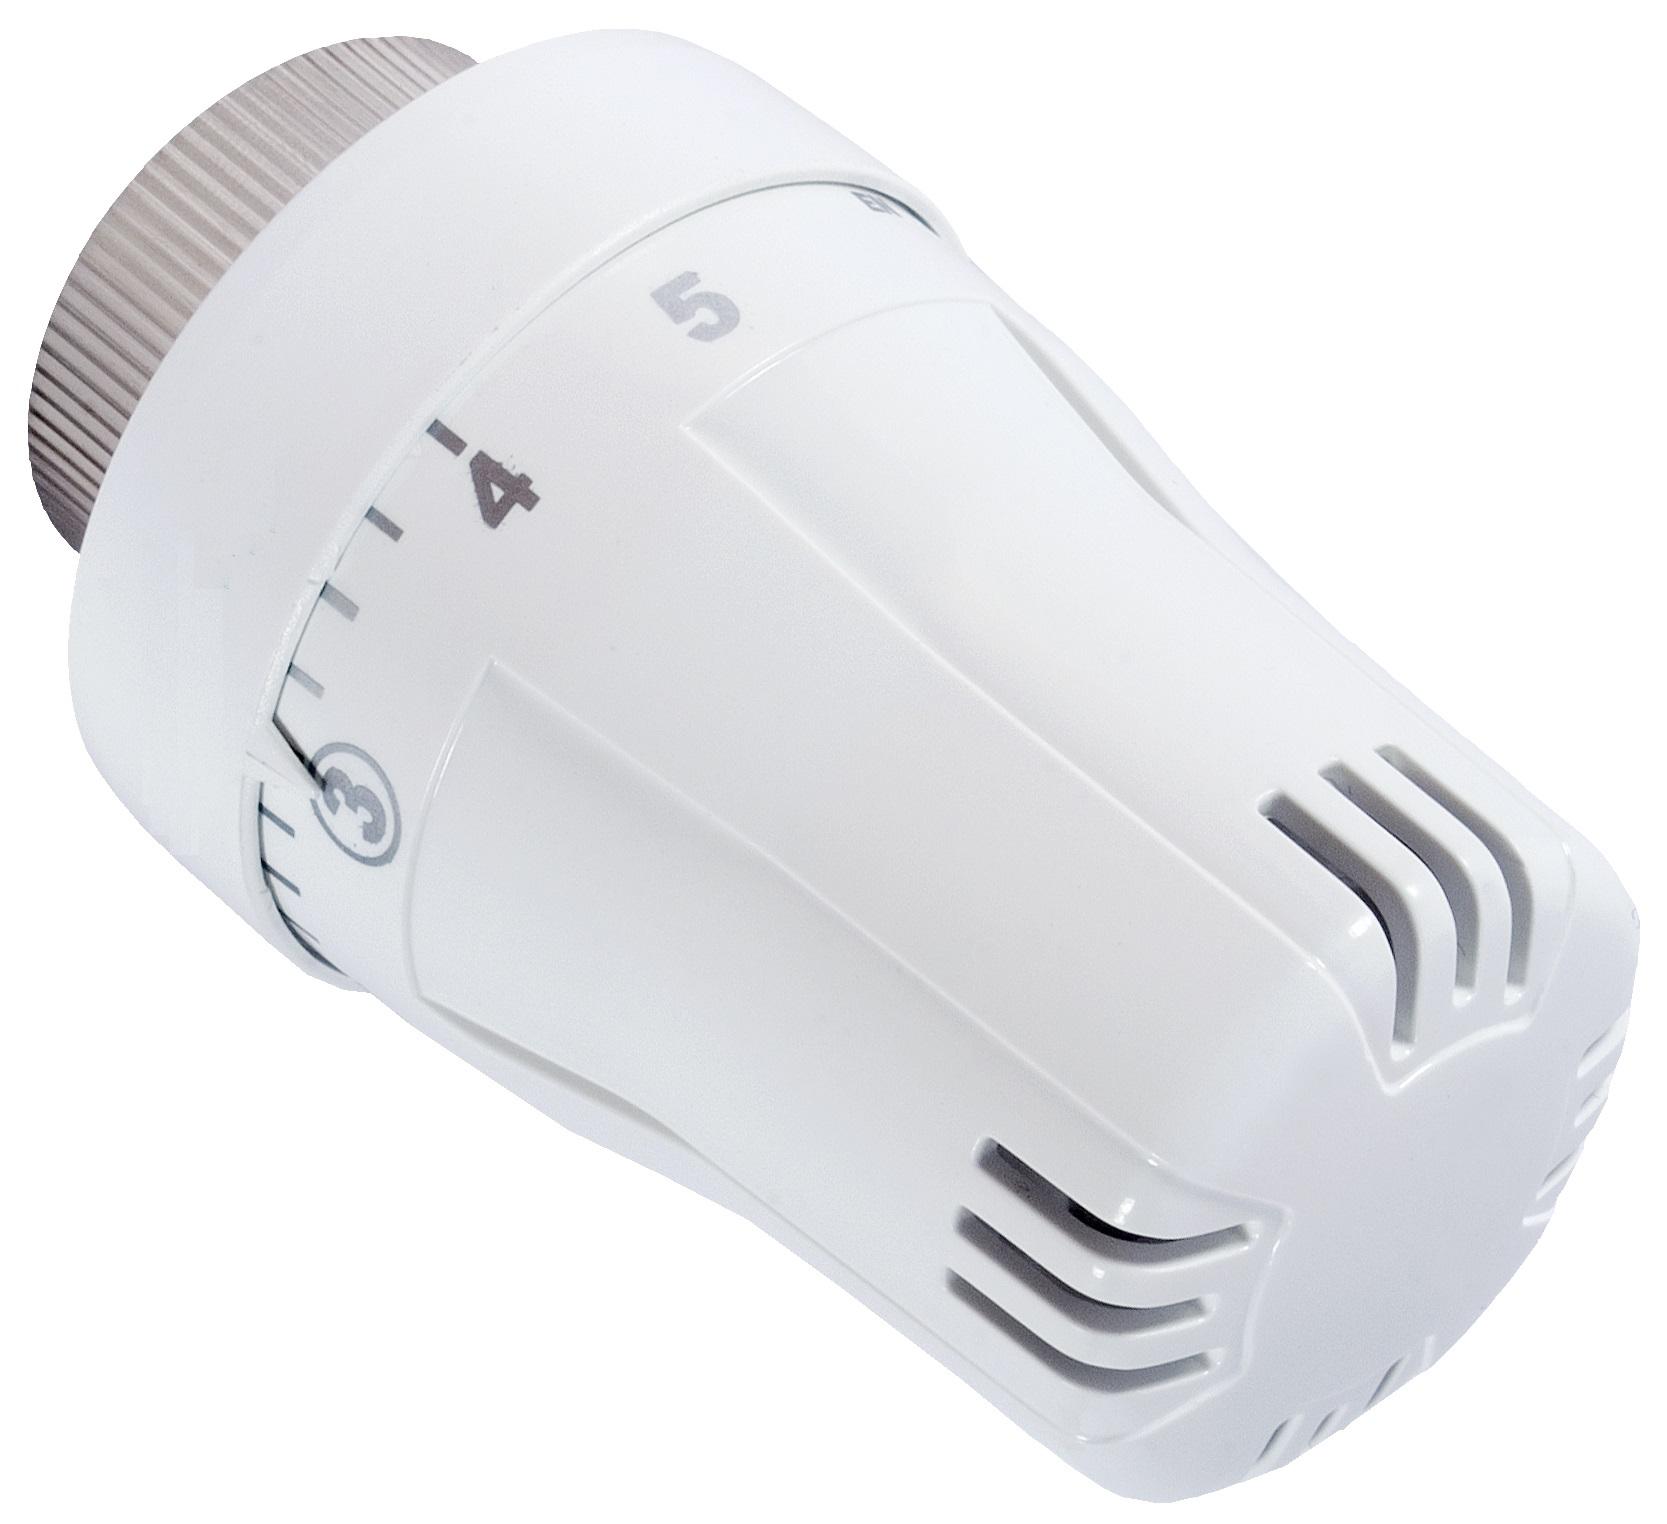 Fornara termostatická hlavice M30 x 1,5 VK2-OPO